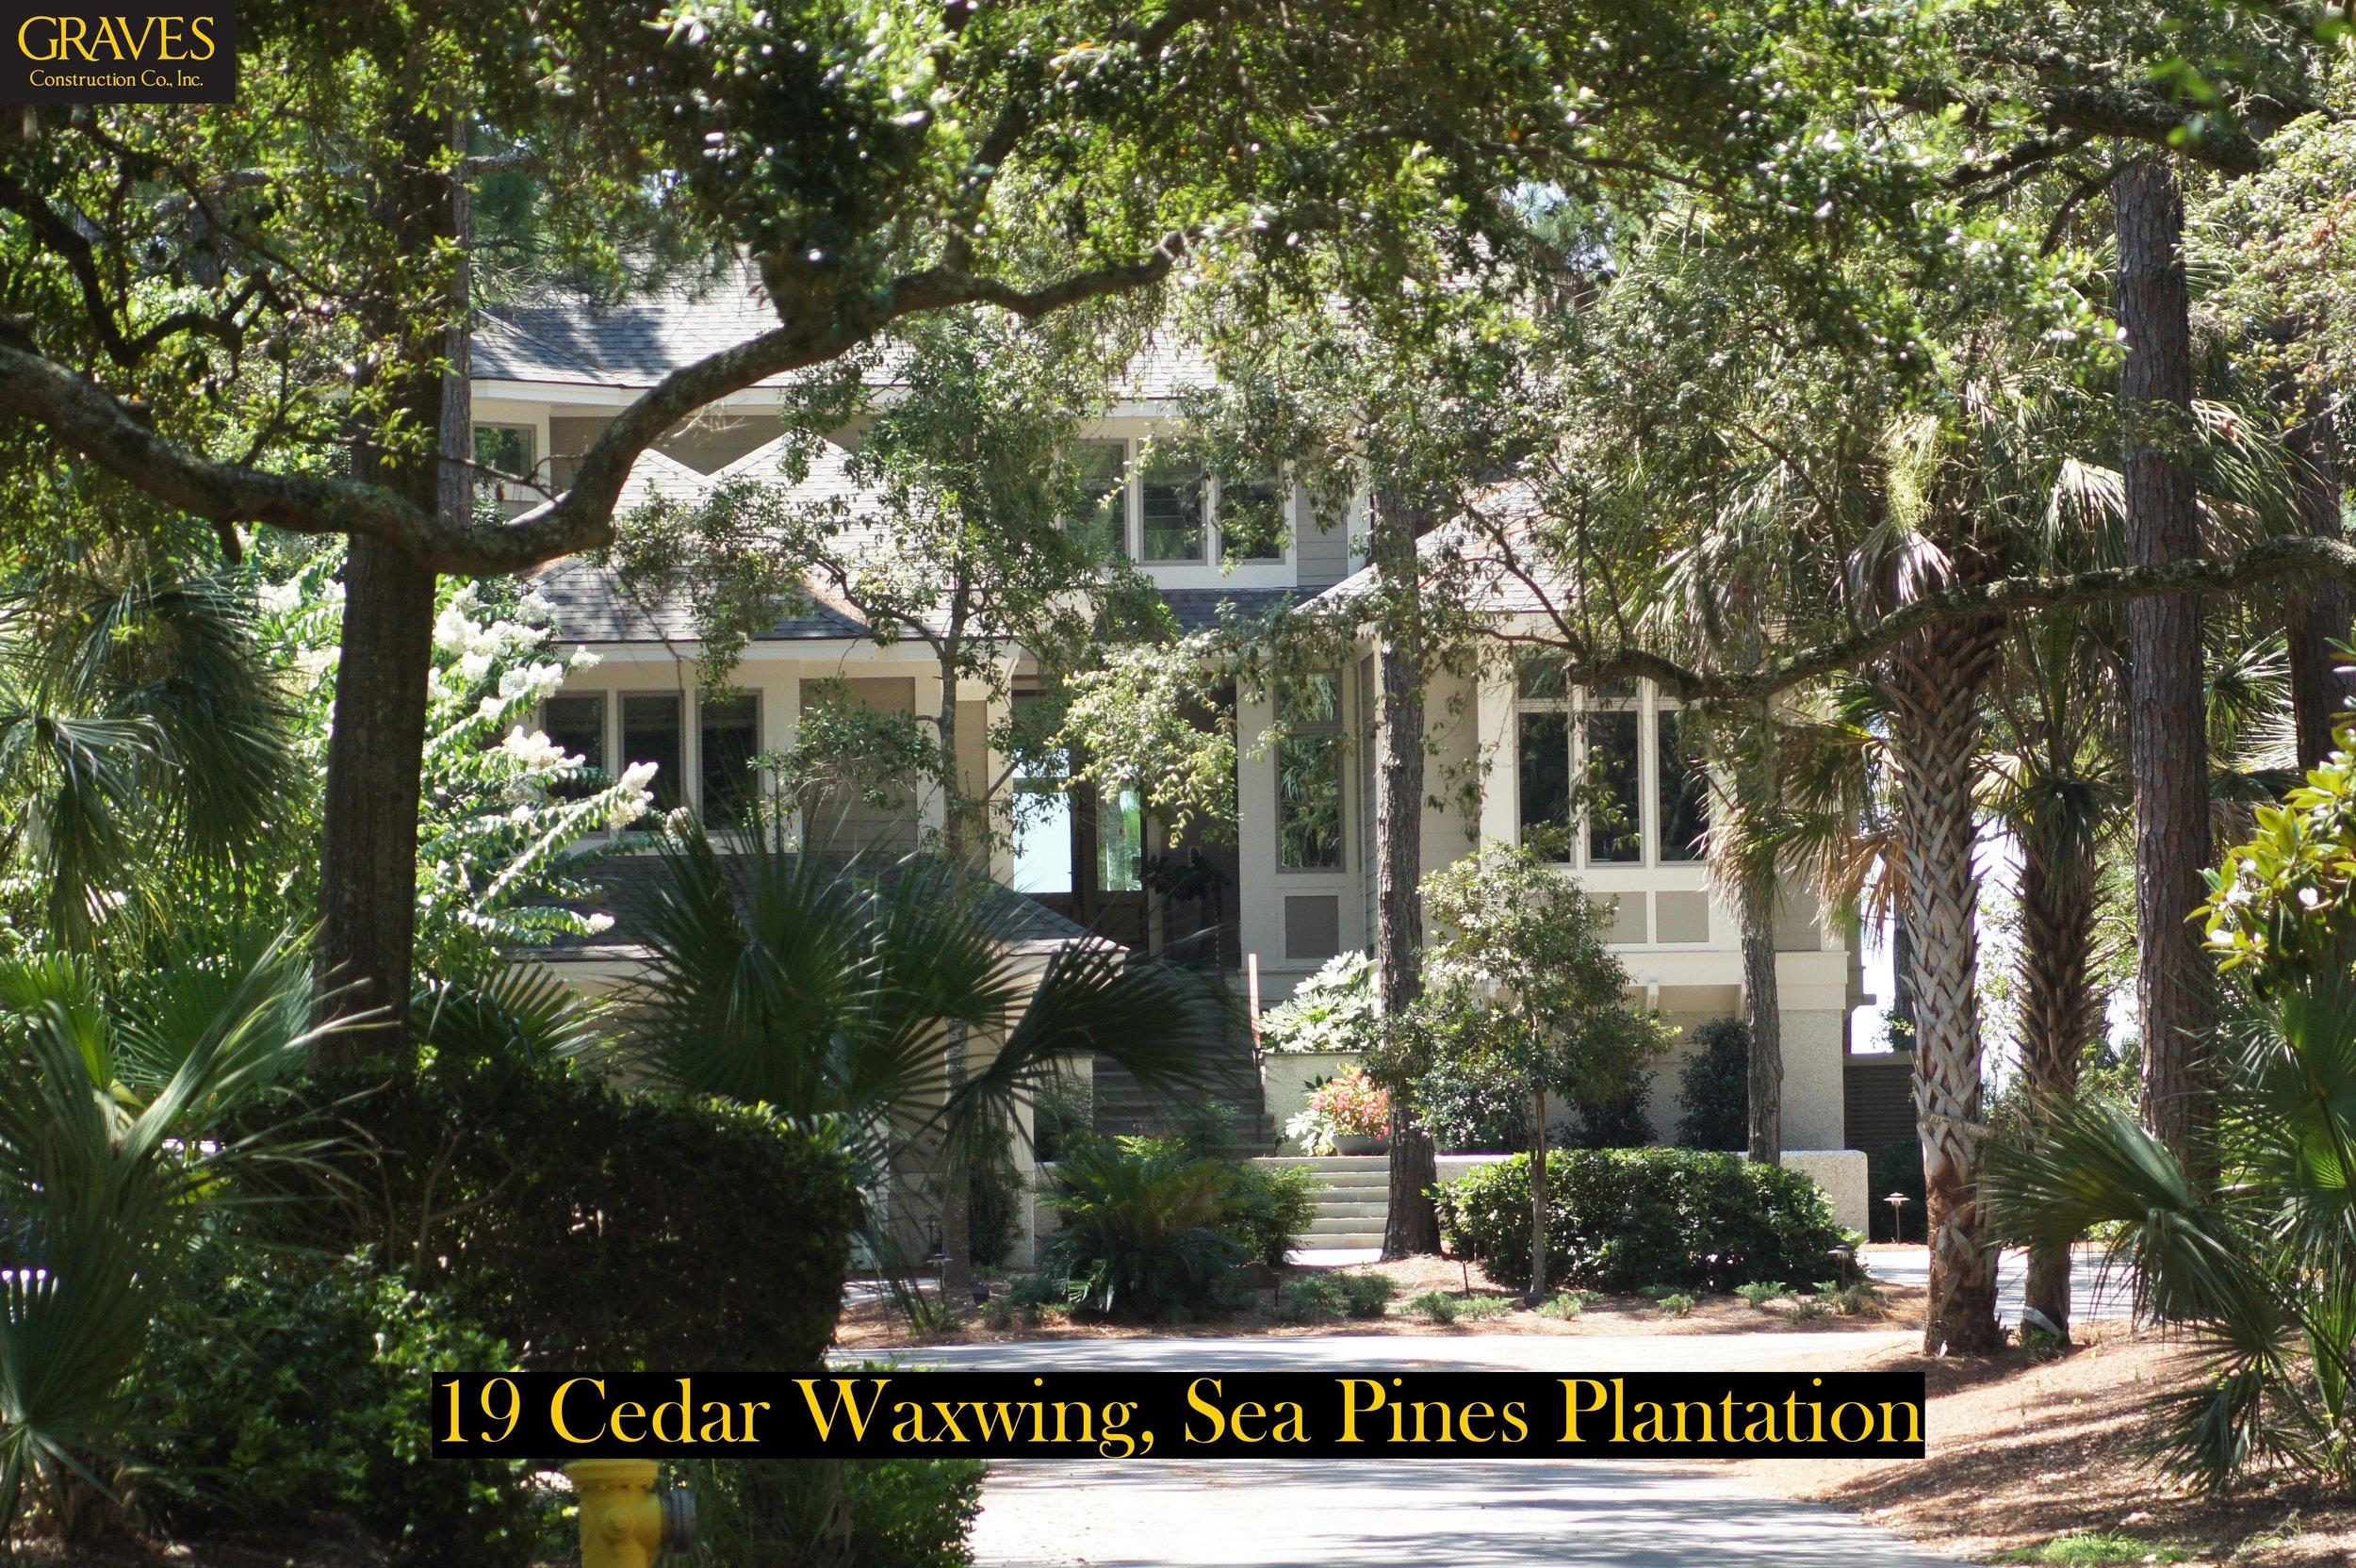 19 Cedar Waxwing - 2